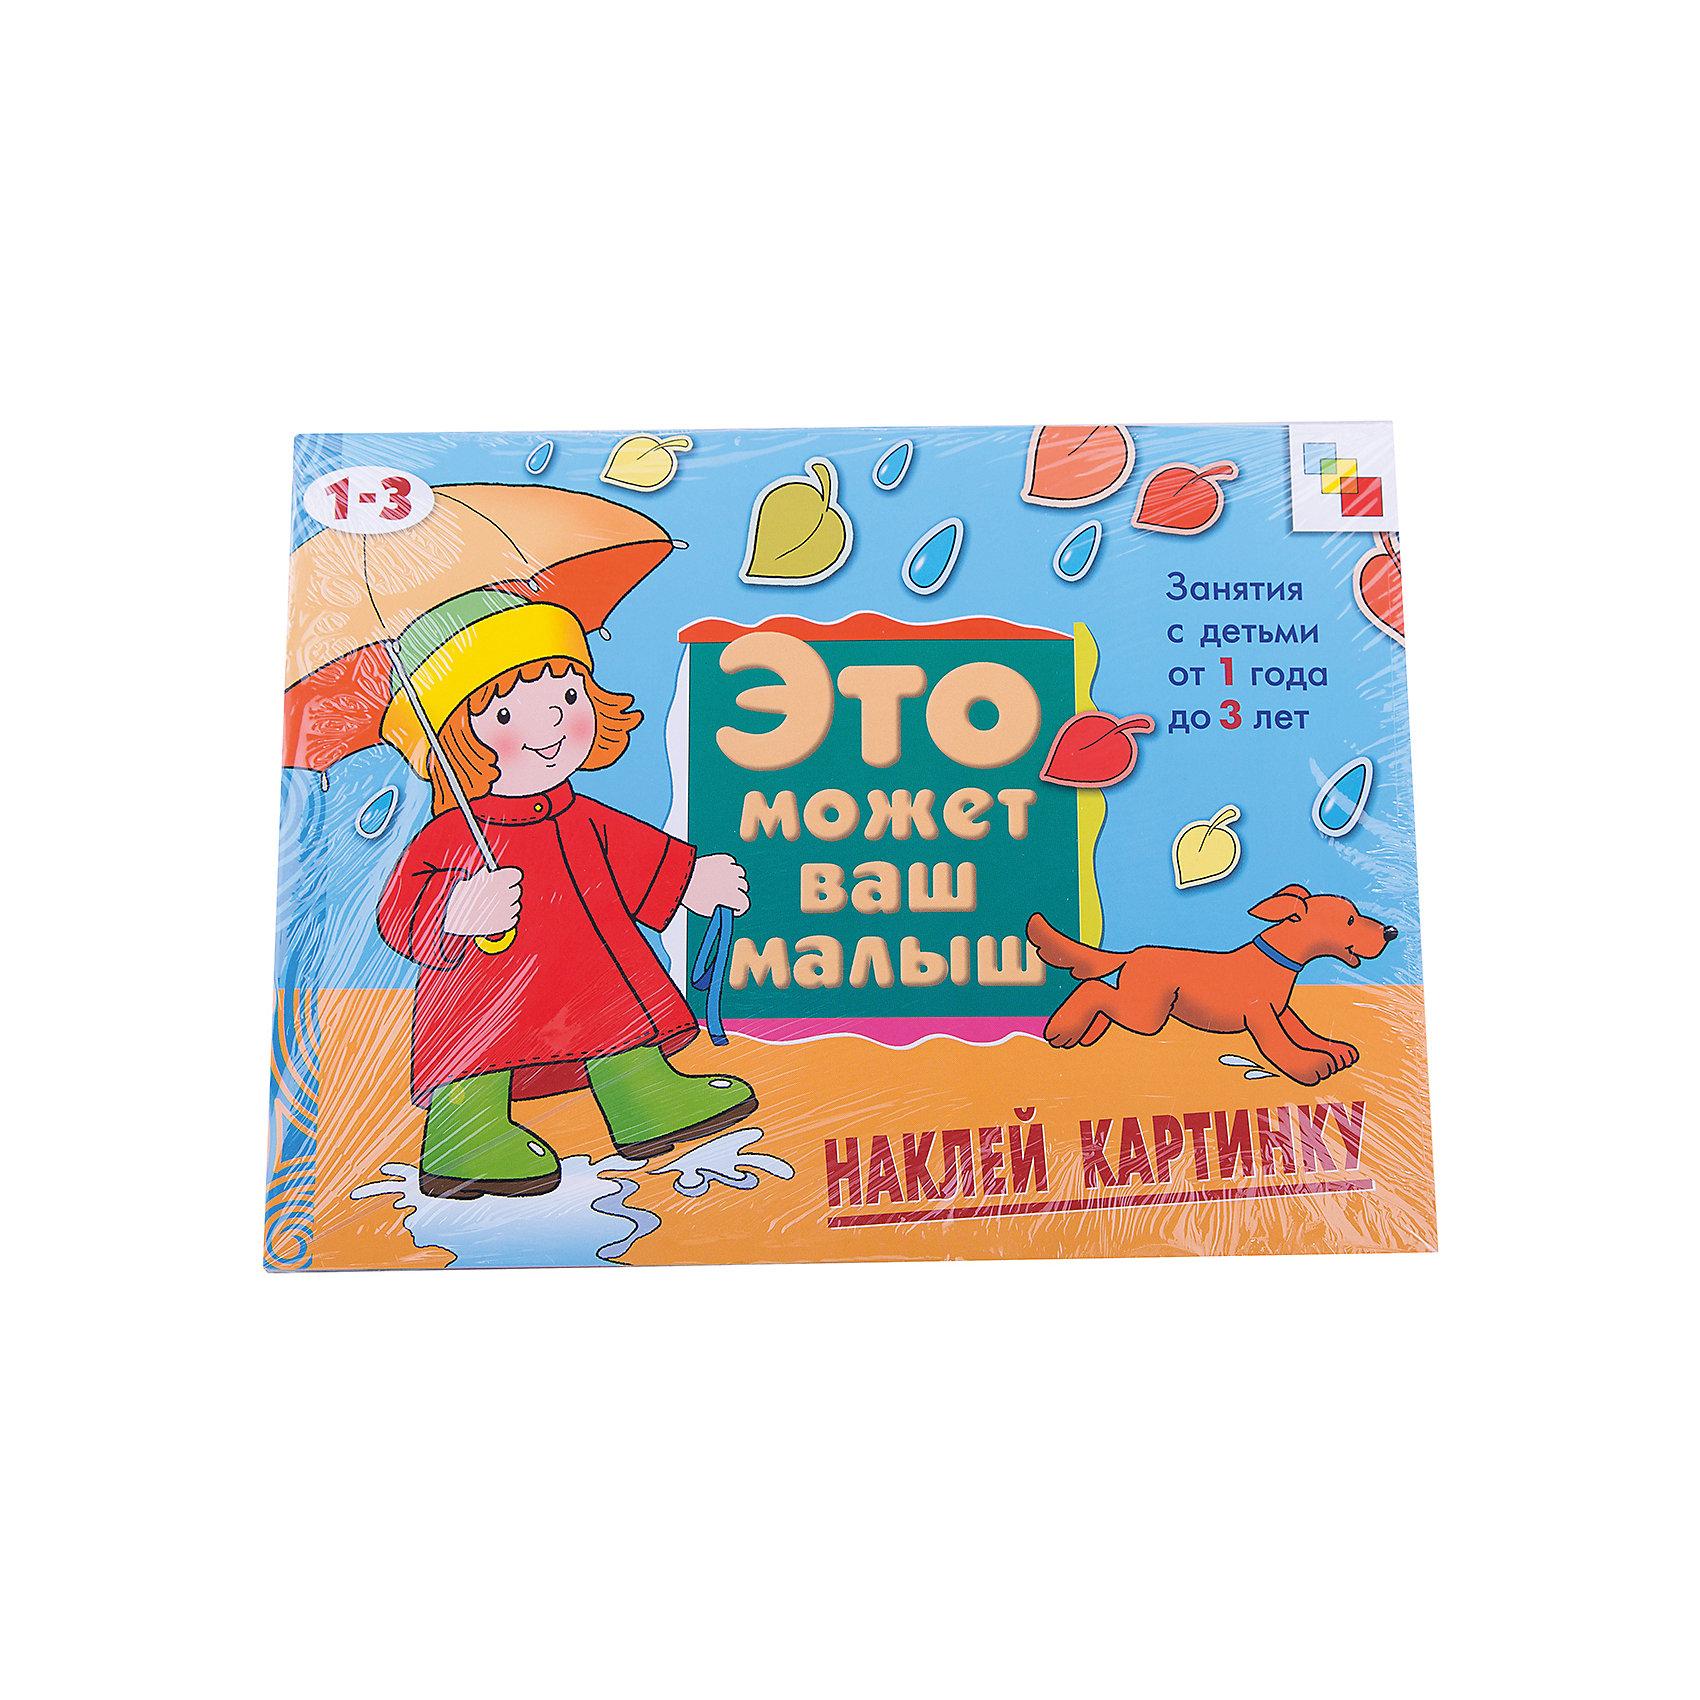 Наклей картинку, Это может Ваш малышКниги для развития творческих навыков<br>Характеристики наклей картинку: <br><br>• возраст: от 12 до 36 месяцев<br>• пол: для мальчиков и девочек<br>• комплект: книжка, 4 вкладки.<br>• количество страниц: 8<br>• размер книги: 21х29 см.<br>• автор: Янушко Е. А.<br>• тип обложки: мягкий.<br>• иллюстрации: цветные<br>• бренд: Мозаика-Синтез<br>• страна обладатель бренда: Россия<br><br>Наклей картинку от торговой компании Мозаика-Синтез - это замечательная книжка из серии Это Может Ваш Малыш, с которой ребенок проведет незабываемое время. В книжке имеются различные задания, которые ребенку будет интересно выполнить, кроме того, в книгу можно клеить красивые наклейки, а также читать увлекательные истории.<br><br>Наклей картинку серии Это может Ваш малыш от торговой компанииМозаика-Синтез можно купить в нашем интернет-магазине.<br><br>Ширина мм: 2<br>Глубина мм: 290<br>Высота мм: 215<br>Вес г: 130<br>Возраст от месяцев: 12<br>Возраст до месяцев: 36<br>Пол: Унисекс<br>Возраст: Детский<br>SKU: 5362832